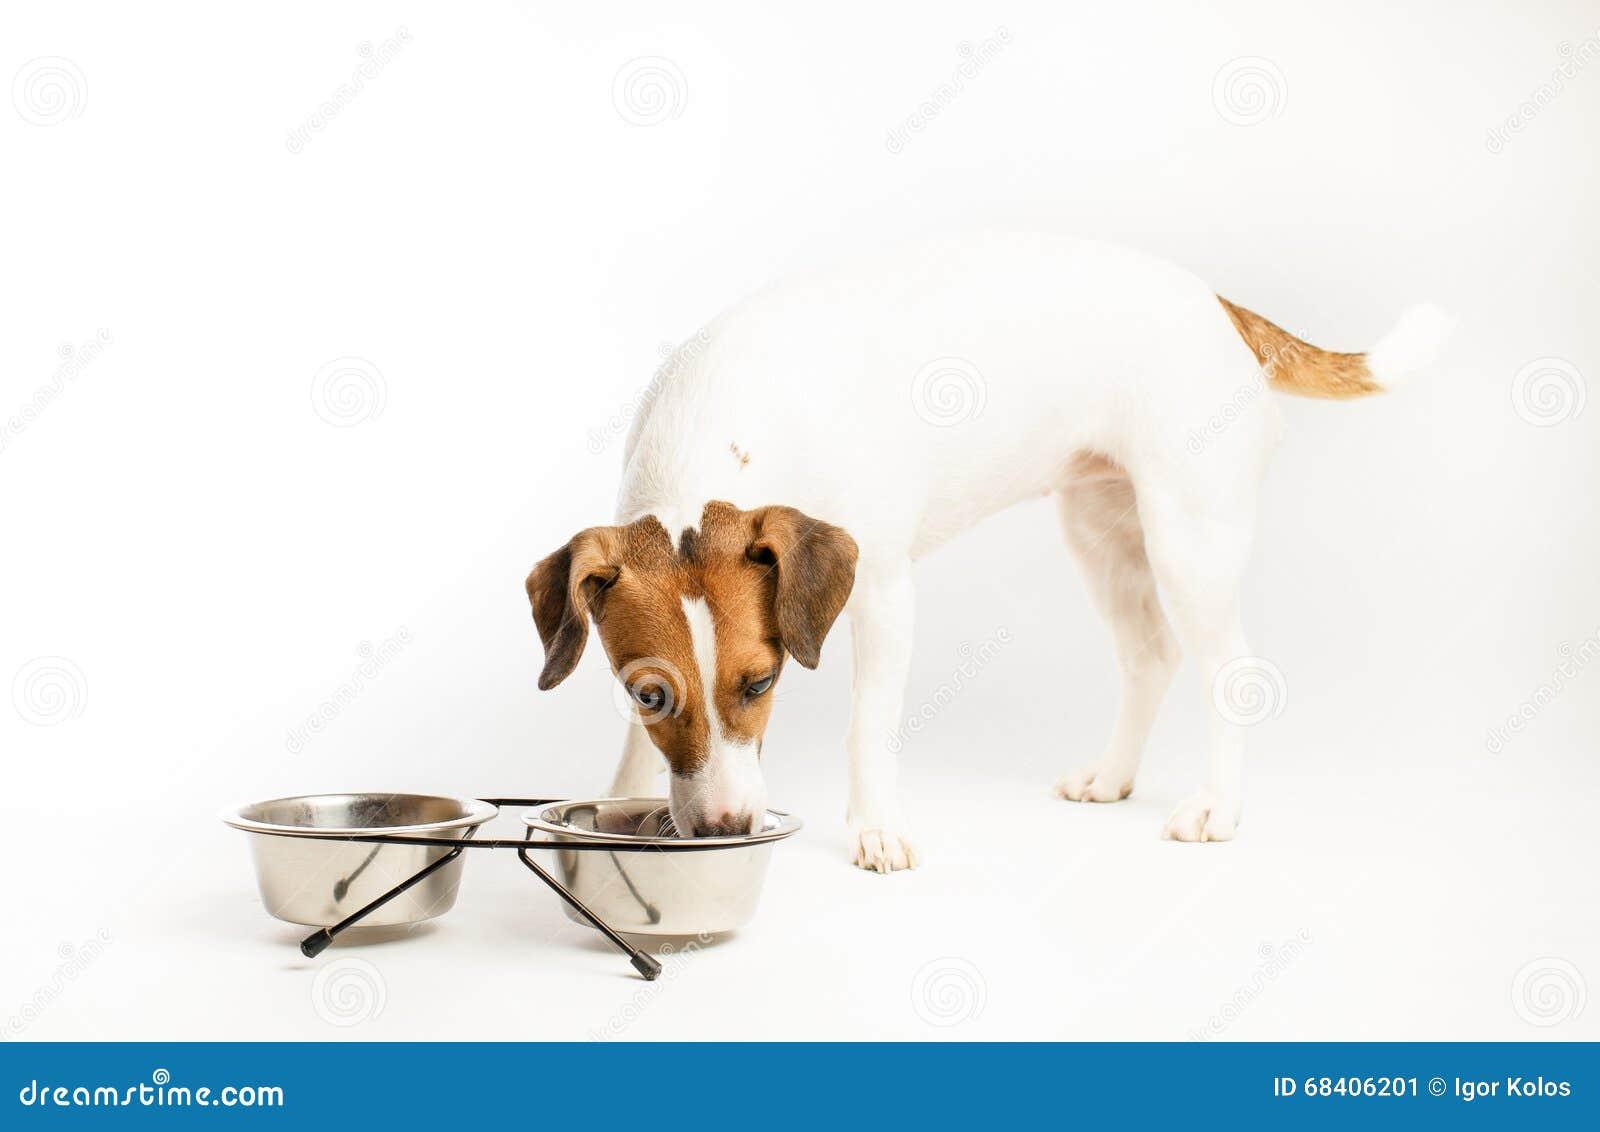 lustiger hund der lebensmittel isst stockfoto bild 68406201. Black Bedroom Furniture Sets. Home Design Ideas